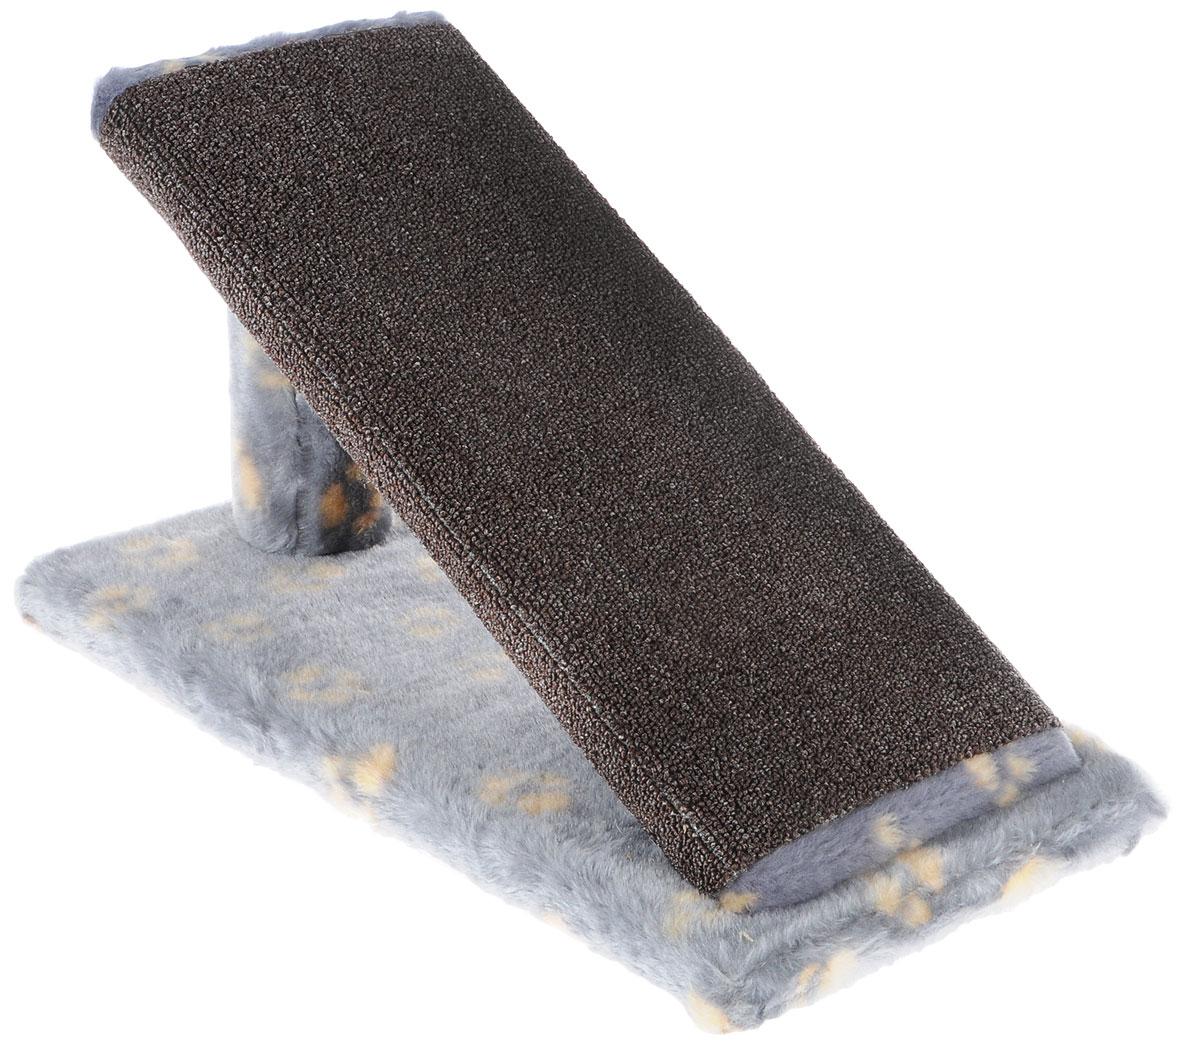 Когтеточка для котят Меридиан Горка, цвет: серый, желтый, коричневый, 45 х 25 х 25 смК103К ЛаКогтеточка Меридиан Горка предназначена для стачивания когтей вашего котенка и предотвращения их врастания. Она выполнена из ДВП, ДСП и искусственного меха. Точатся когти о накладку из ковролина. Когтеточка позволяет сохранить неповрежденными мебель и другие предметы интерьера.